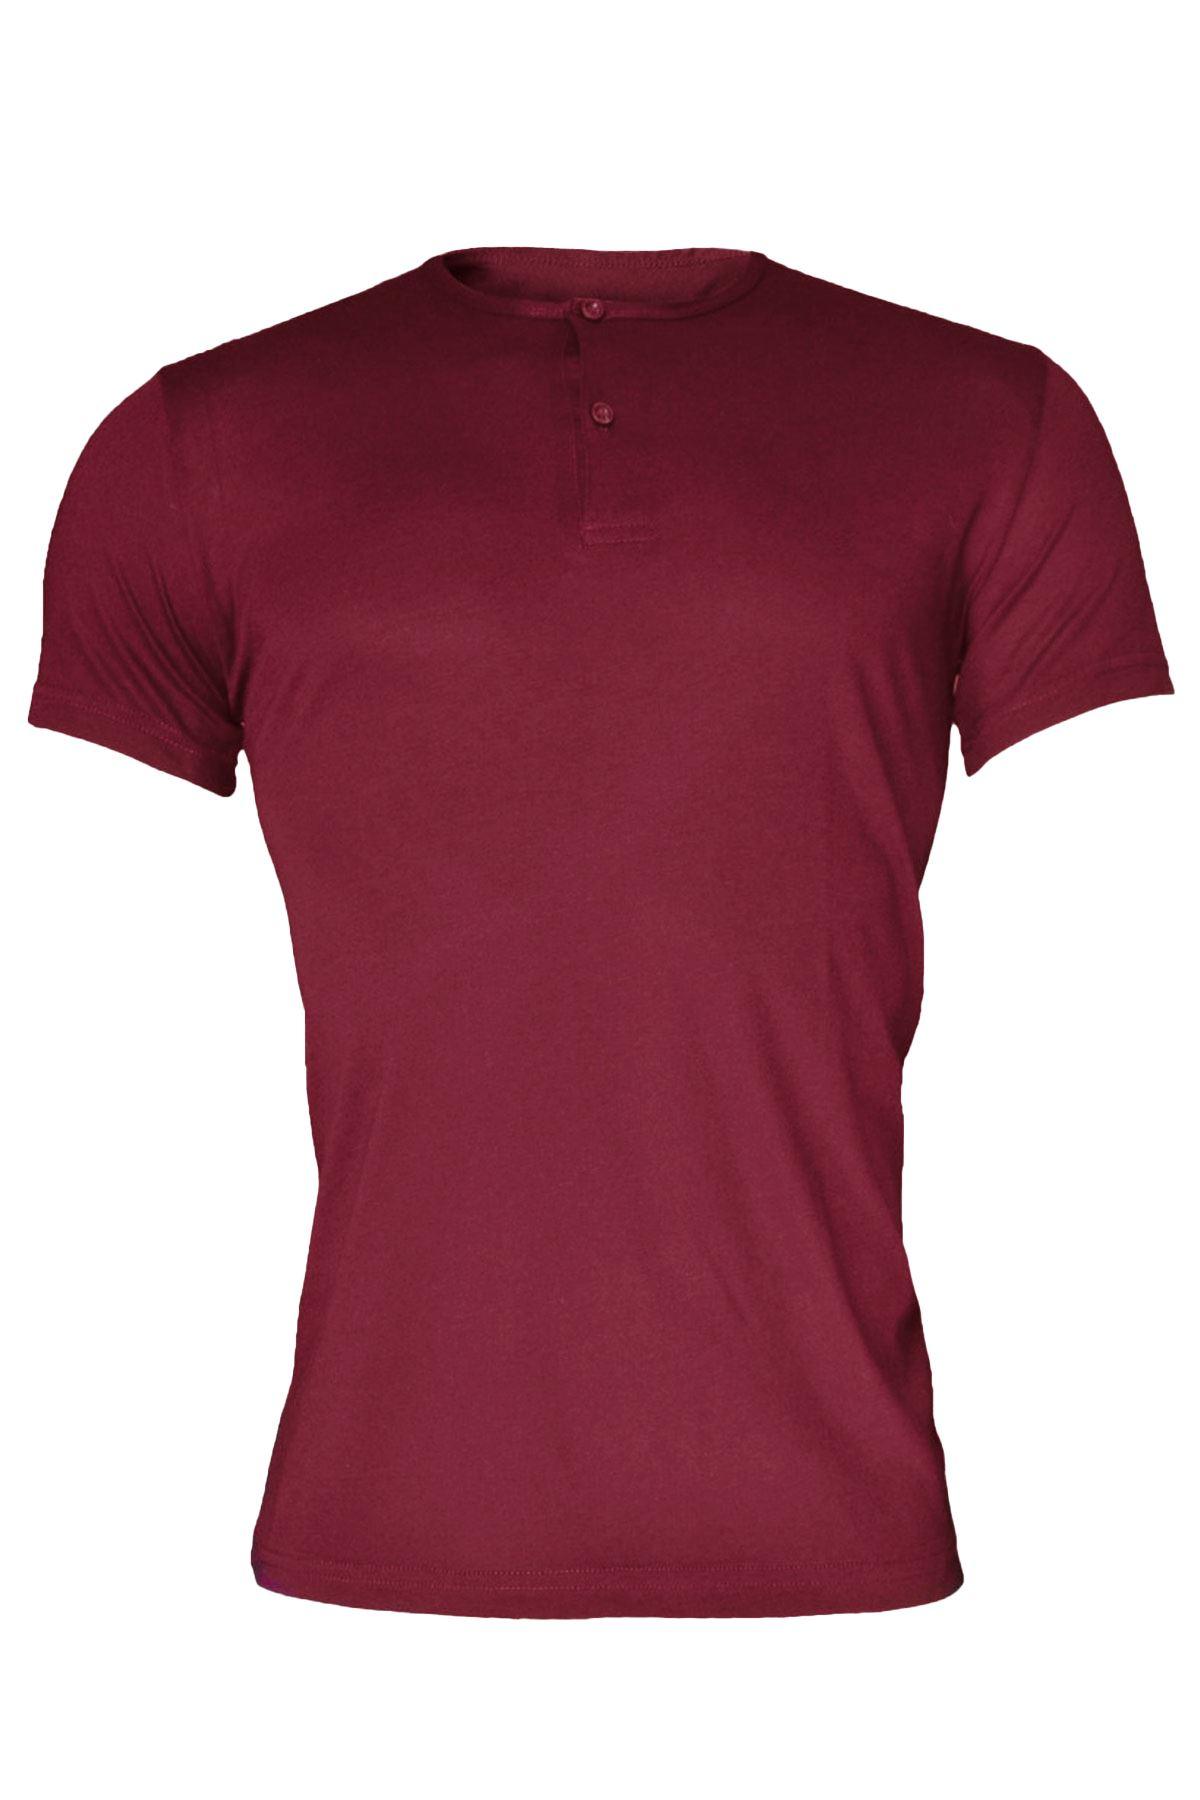 Malabadi Erkek 3 lü Paket Mavi-Bordo-Yeşil Düğmeli Yaka İnce Modal Tişört 3M083